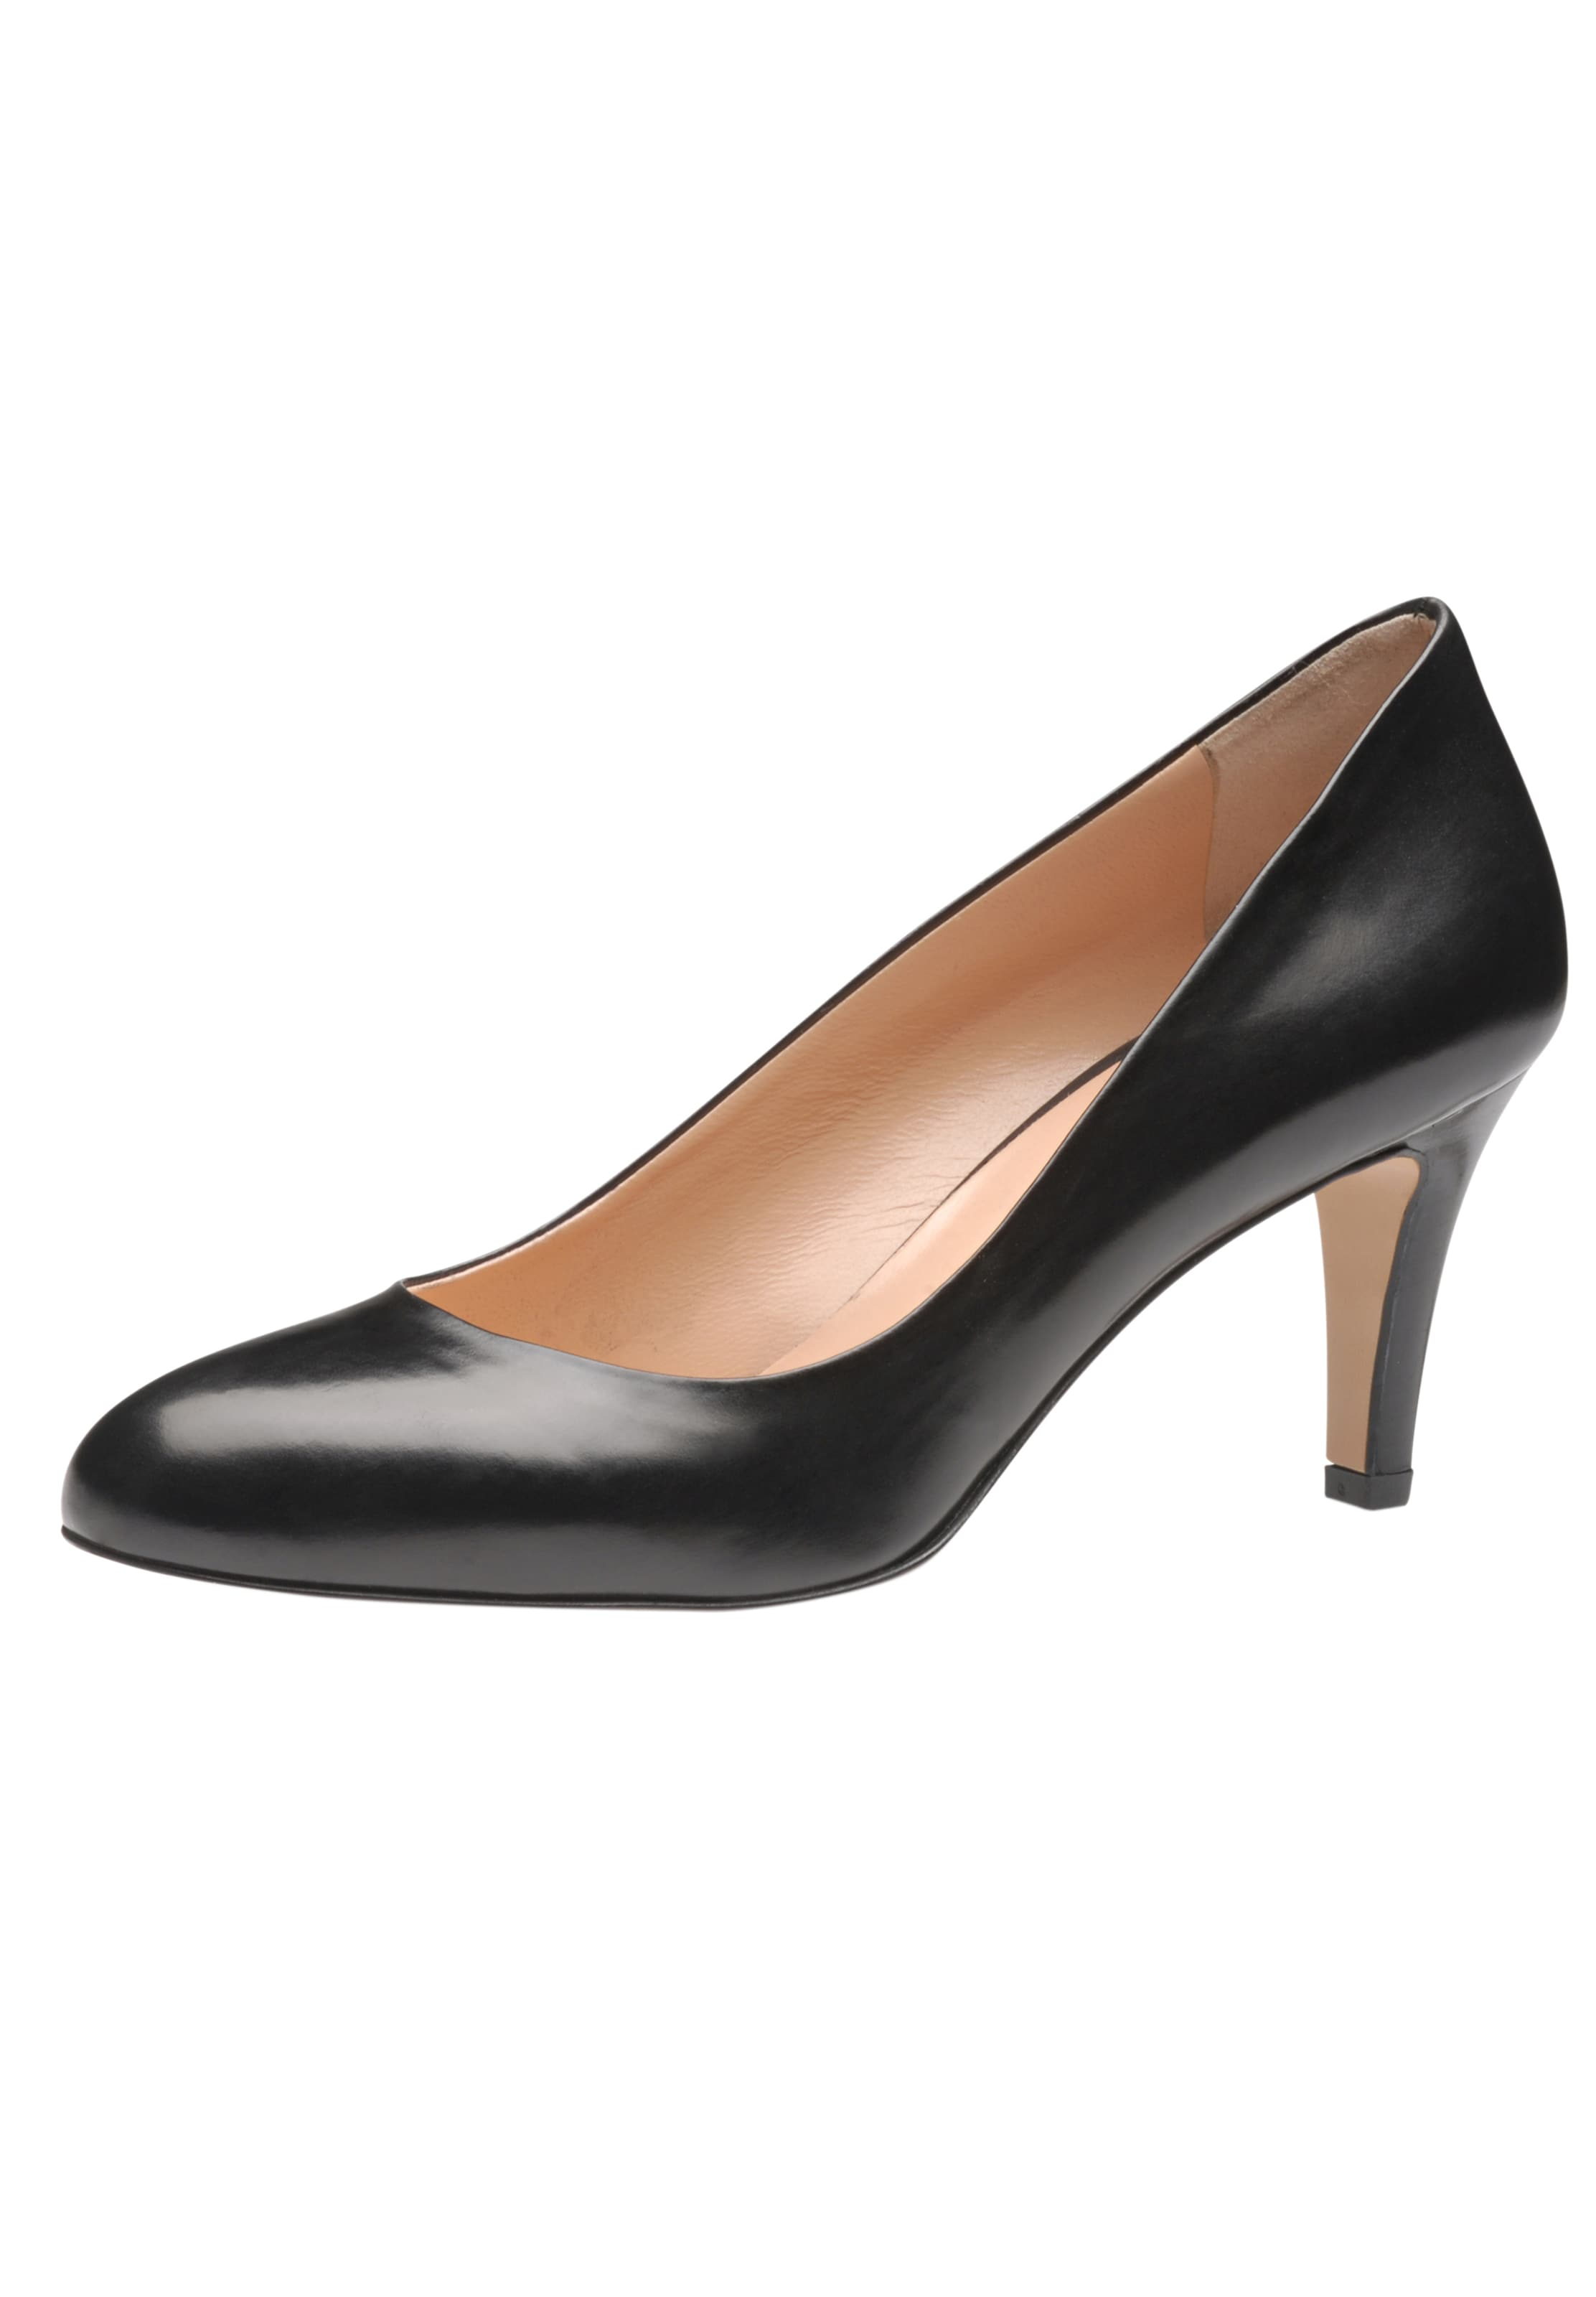 EVITA Verschleißfeste Pumps Verschleißfeste EVITA billige Schuhe Hohe Qualität 043ed7